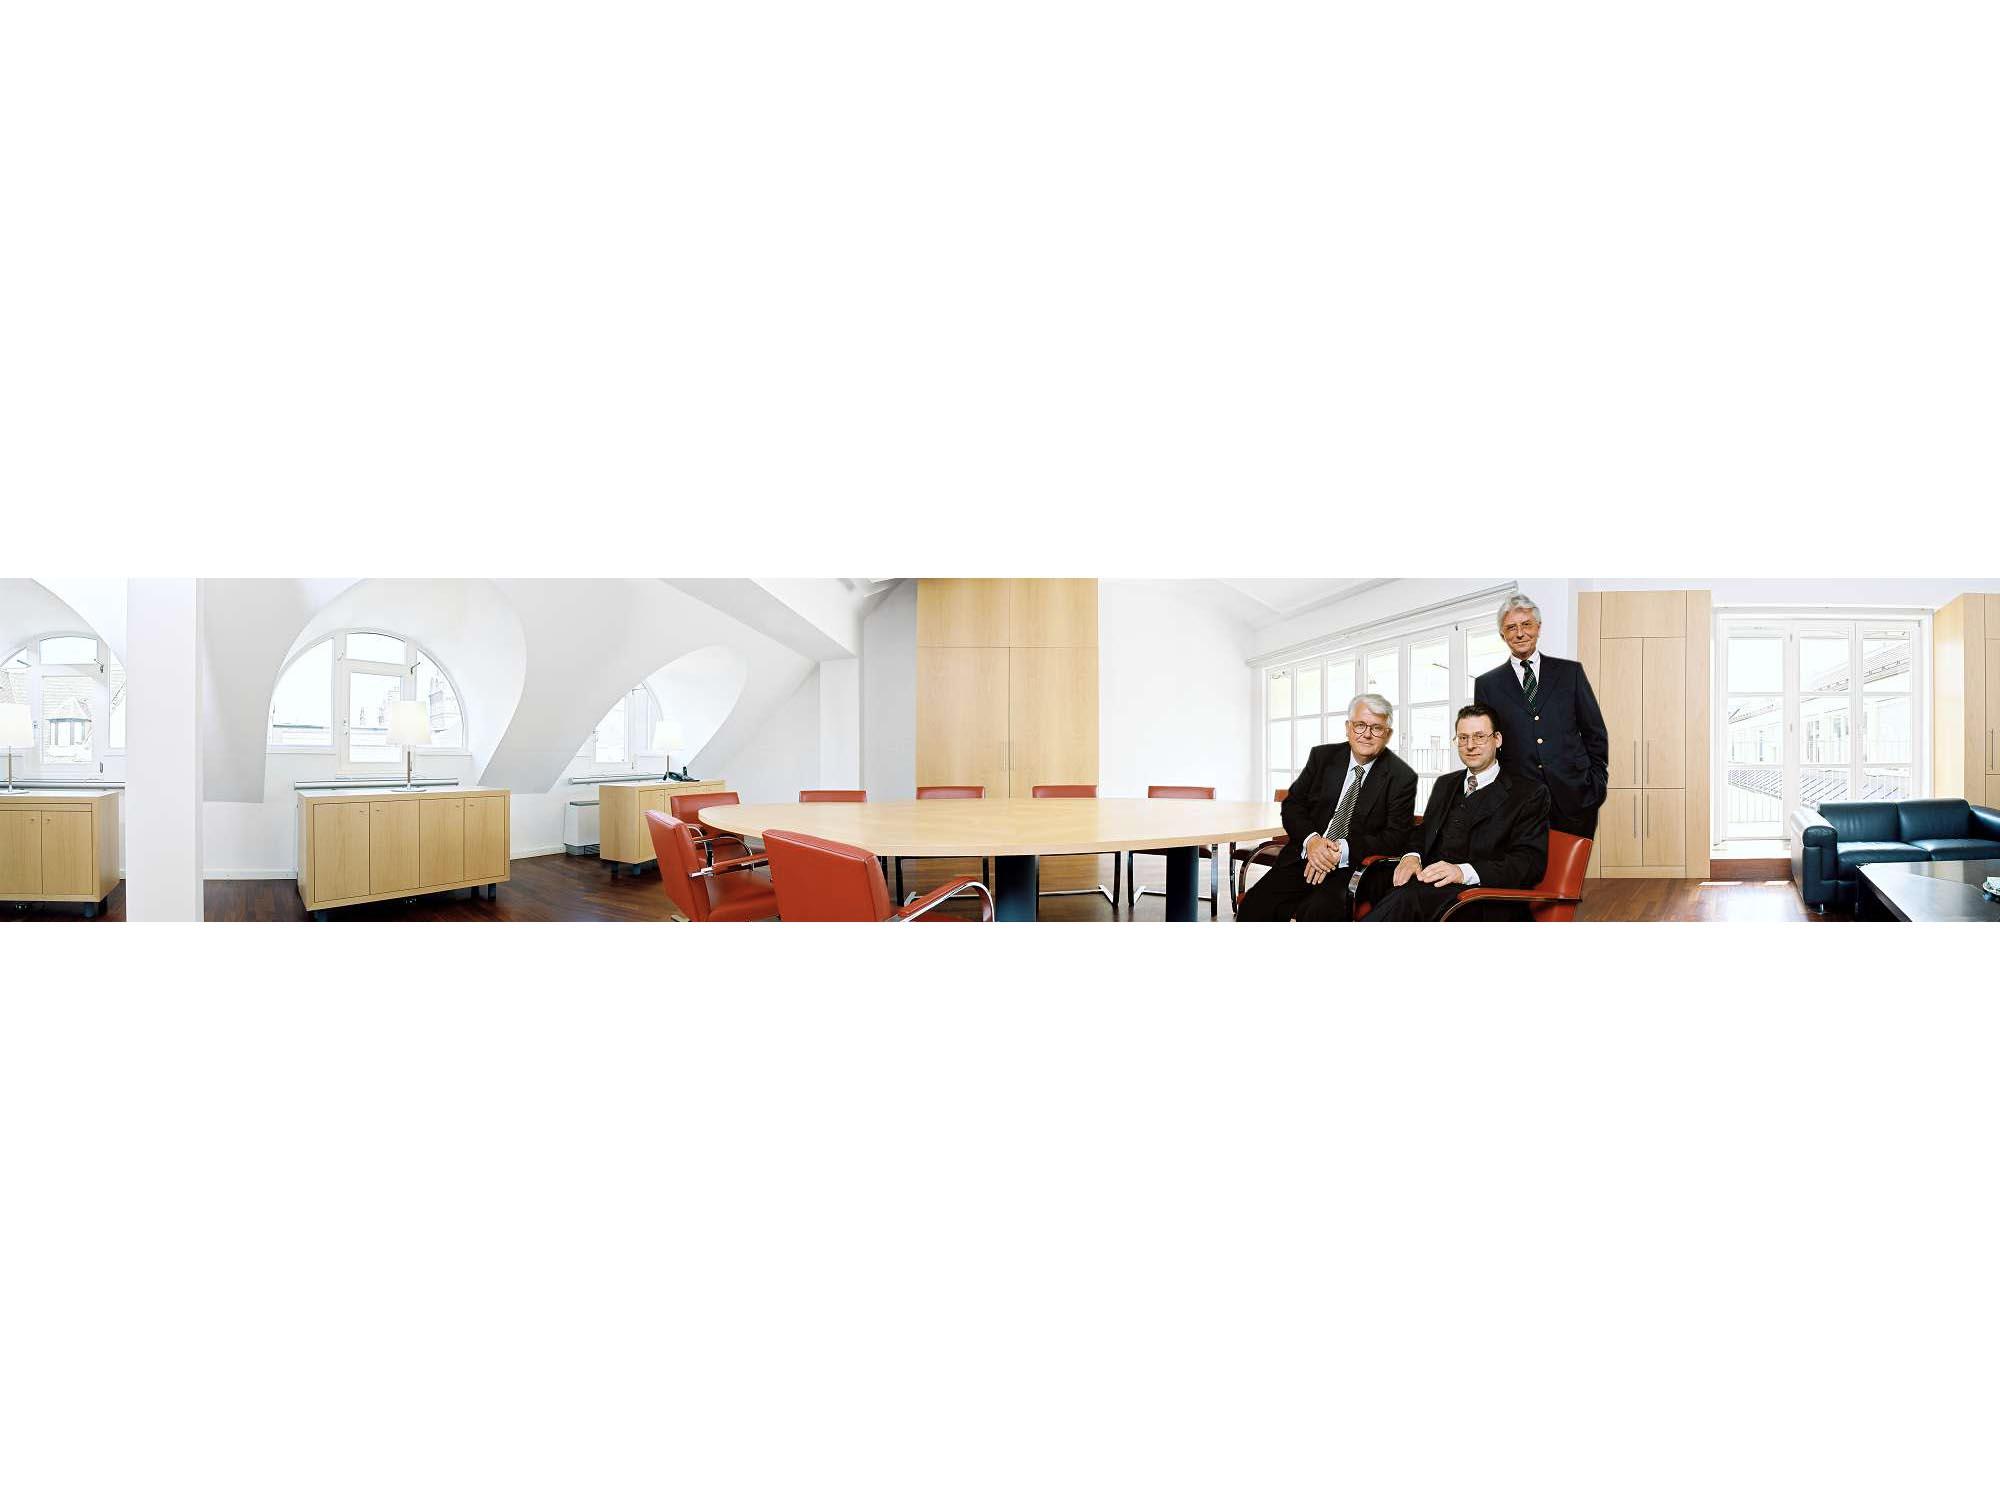 Corporate | LHI – Leasing